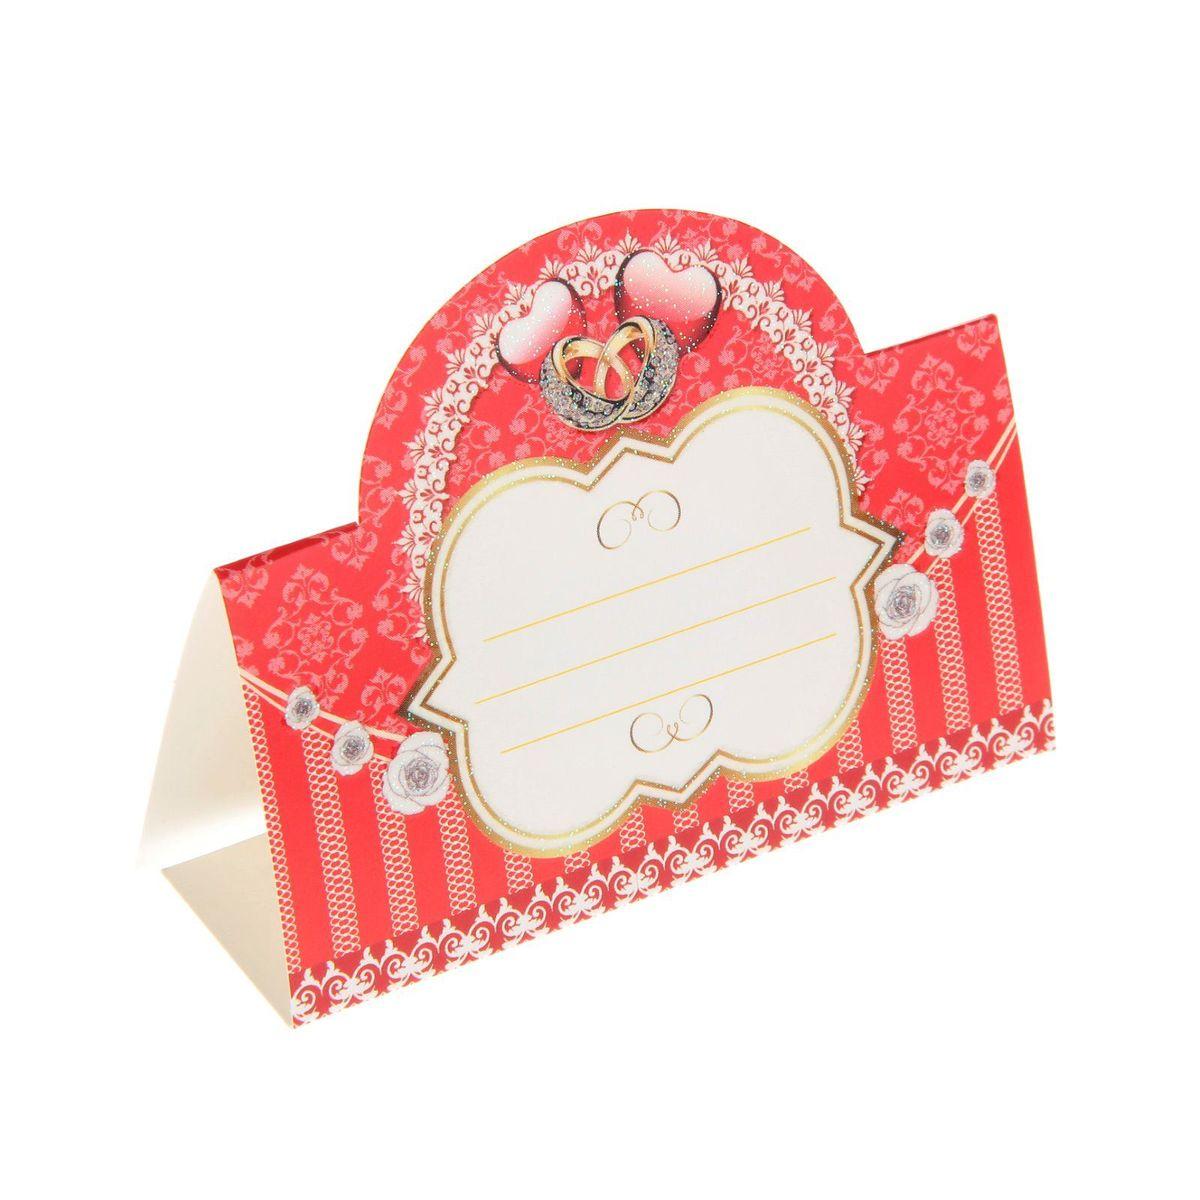 Карточка банкетная Миленд. 12187151218715Красиво оформленный свадебный стол - это эффектное, неординарное и очень значимое обрамление для проведения любого запланированного вами торжества. Банкетная карточка Миленд - это красивое и оригинальное украшение зала, которое дополнит выдержанный стиль мероприятия и передаст праздничное настроение вам и вашим гостям.